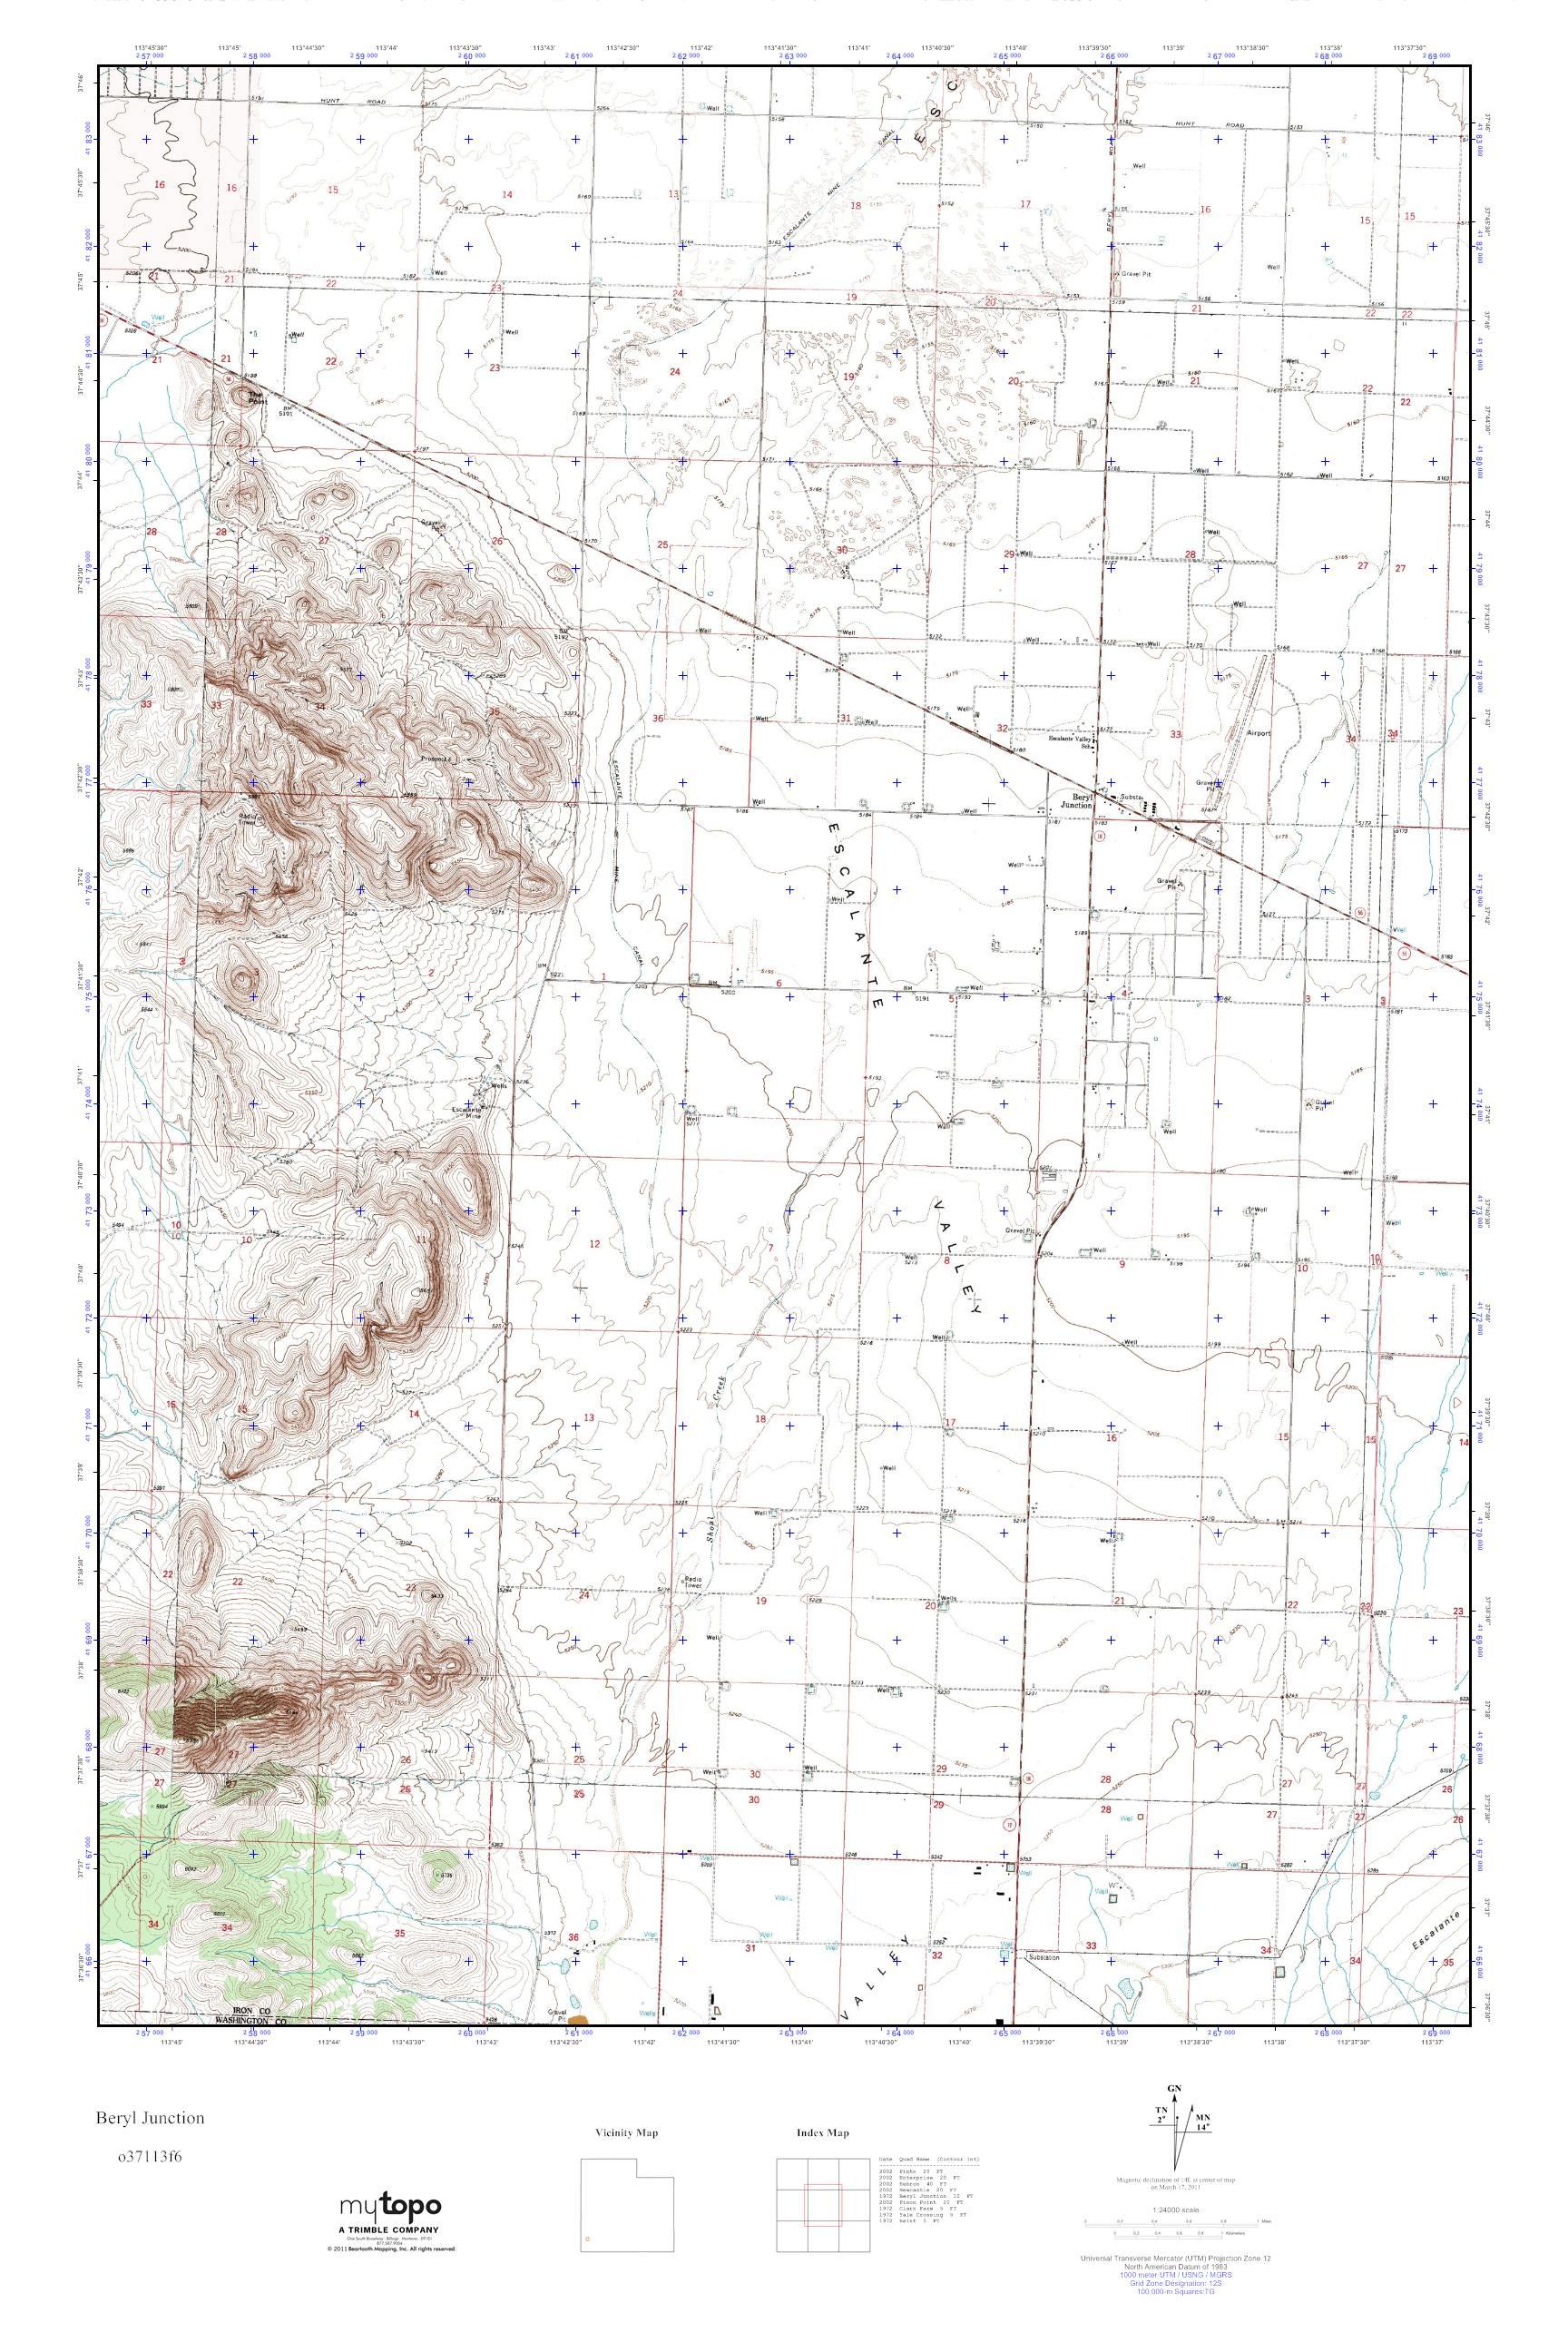 Beryl Utah Map.Mytopo Beryl Junction Utah Usgs Quad Topo Map